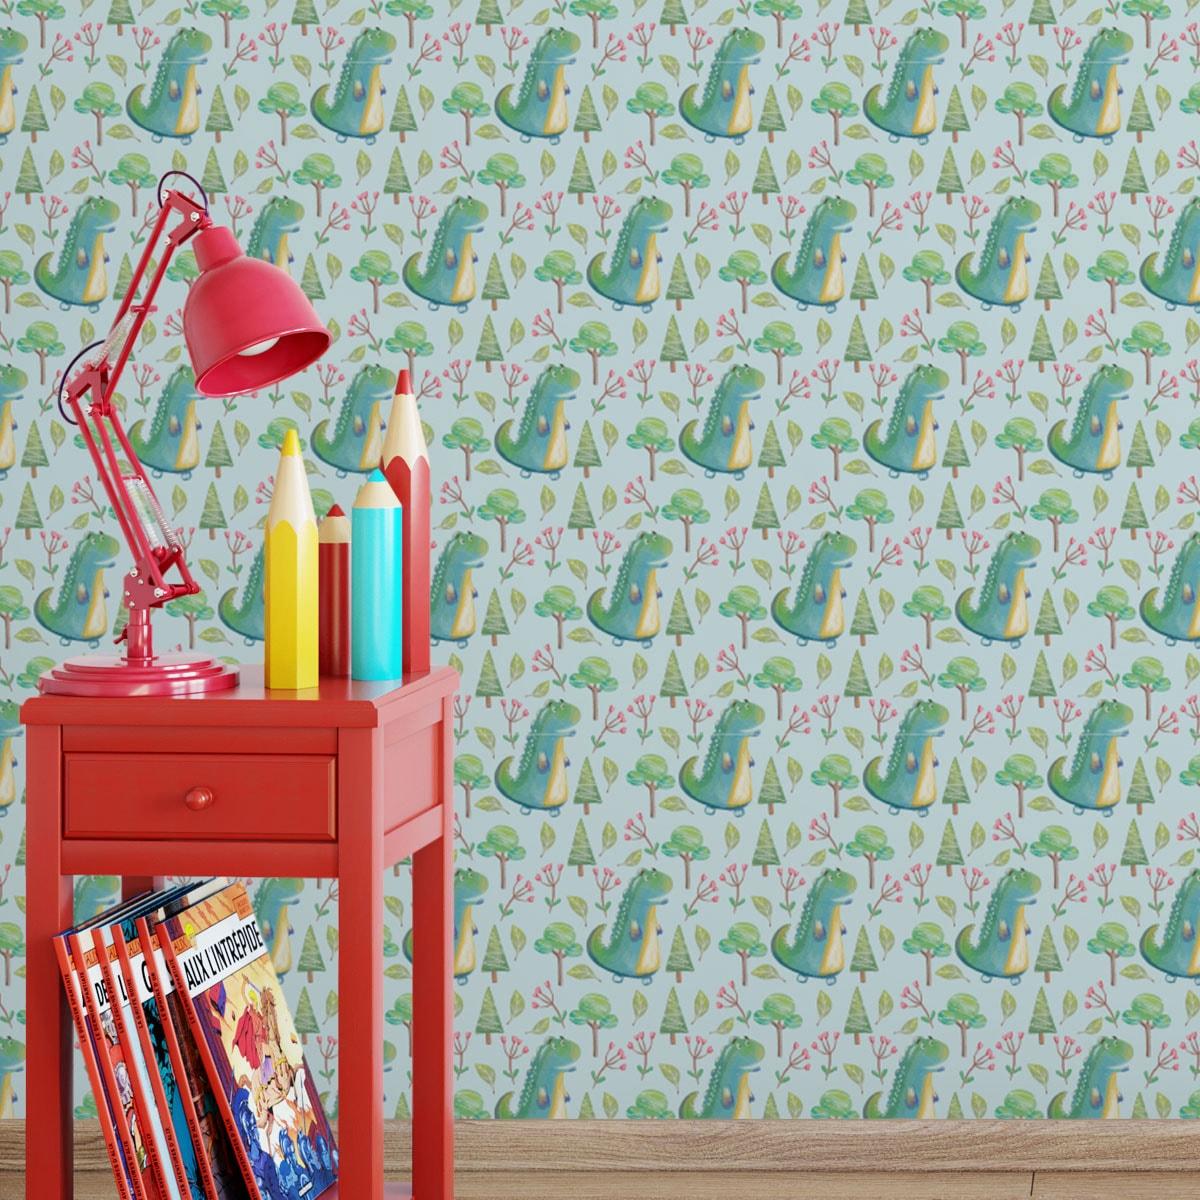 Full Size of Kinderzimmer Tapete Mit Kleinen Drachen Im Zauberwald Gmm Berlincom Tapeten Für Küche Wohnzimmer Fototapete Sofa Fenster Die Regal Fototapeten Schlafzimmer Wohnzimmer Kinderzimmer Tapete